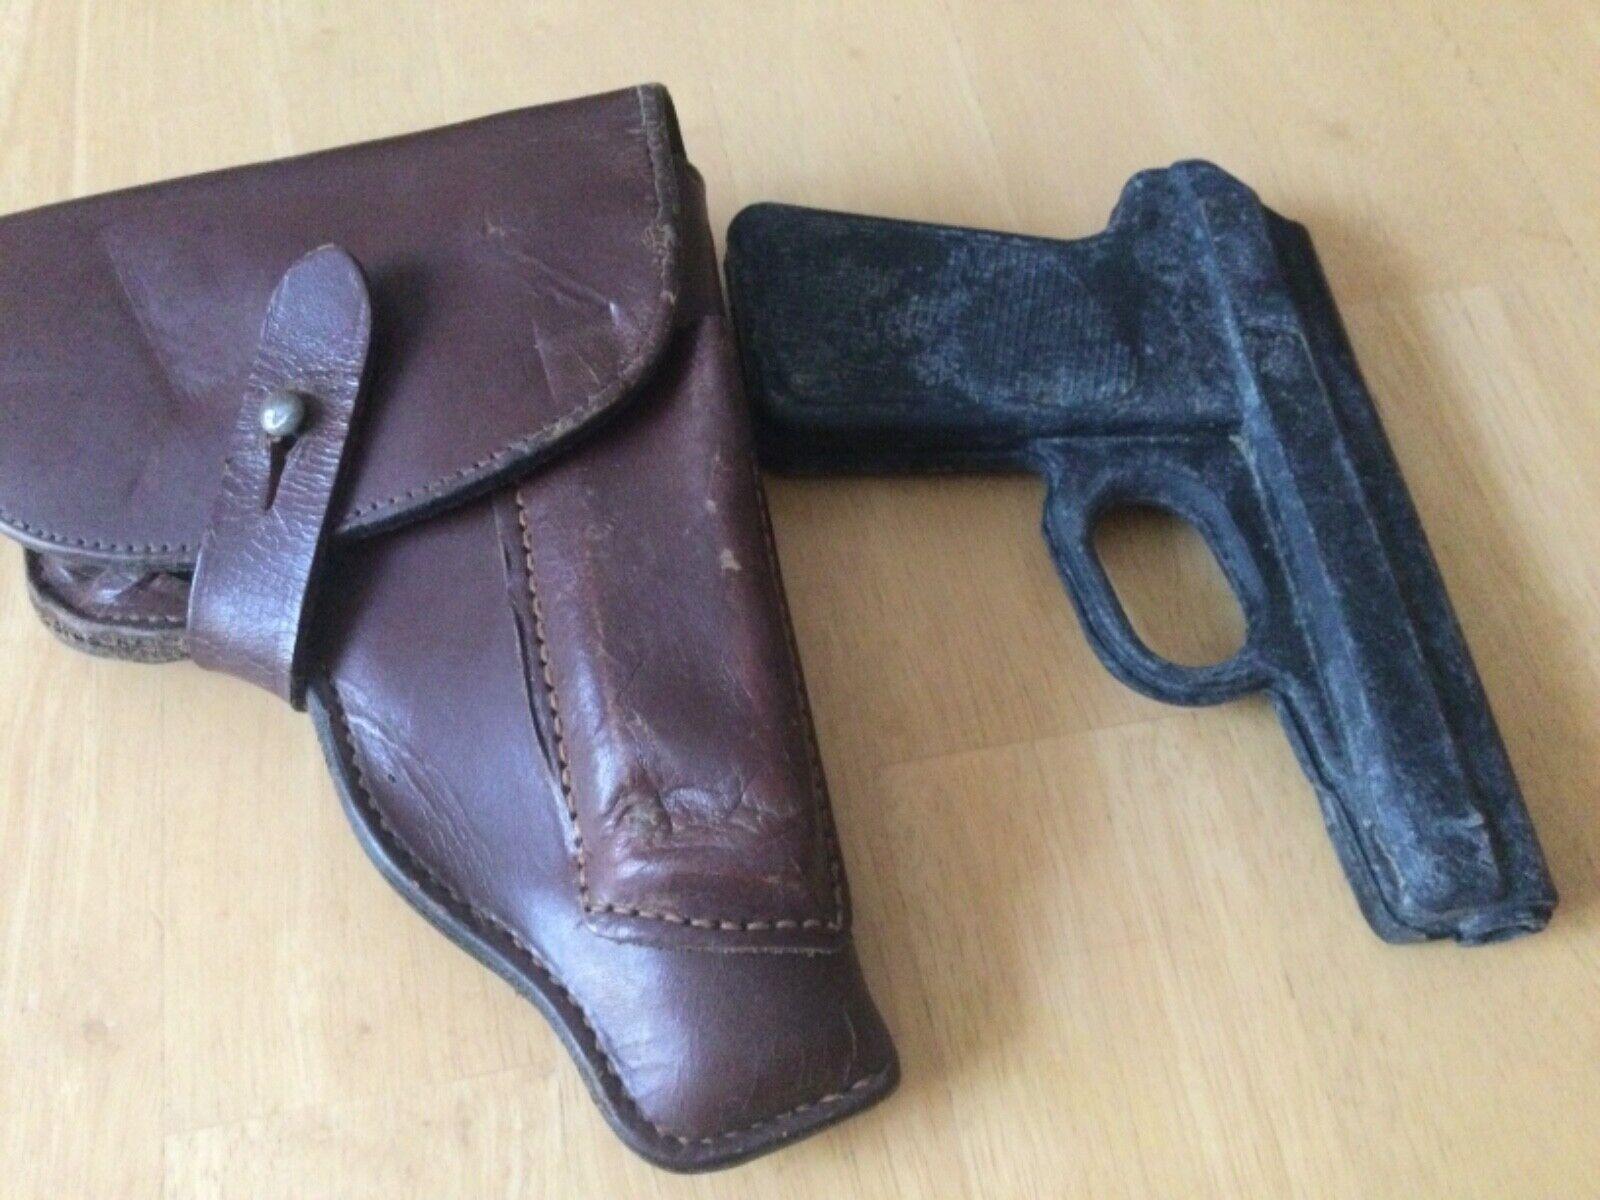 Bild 01 - Makarow Pistolentasche Leder mit Dummy DDR. NVA